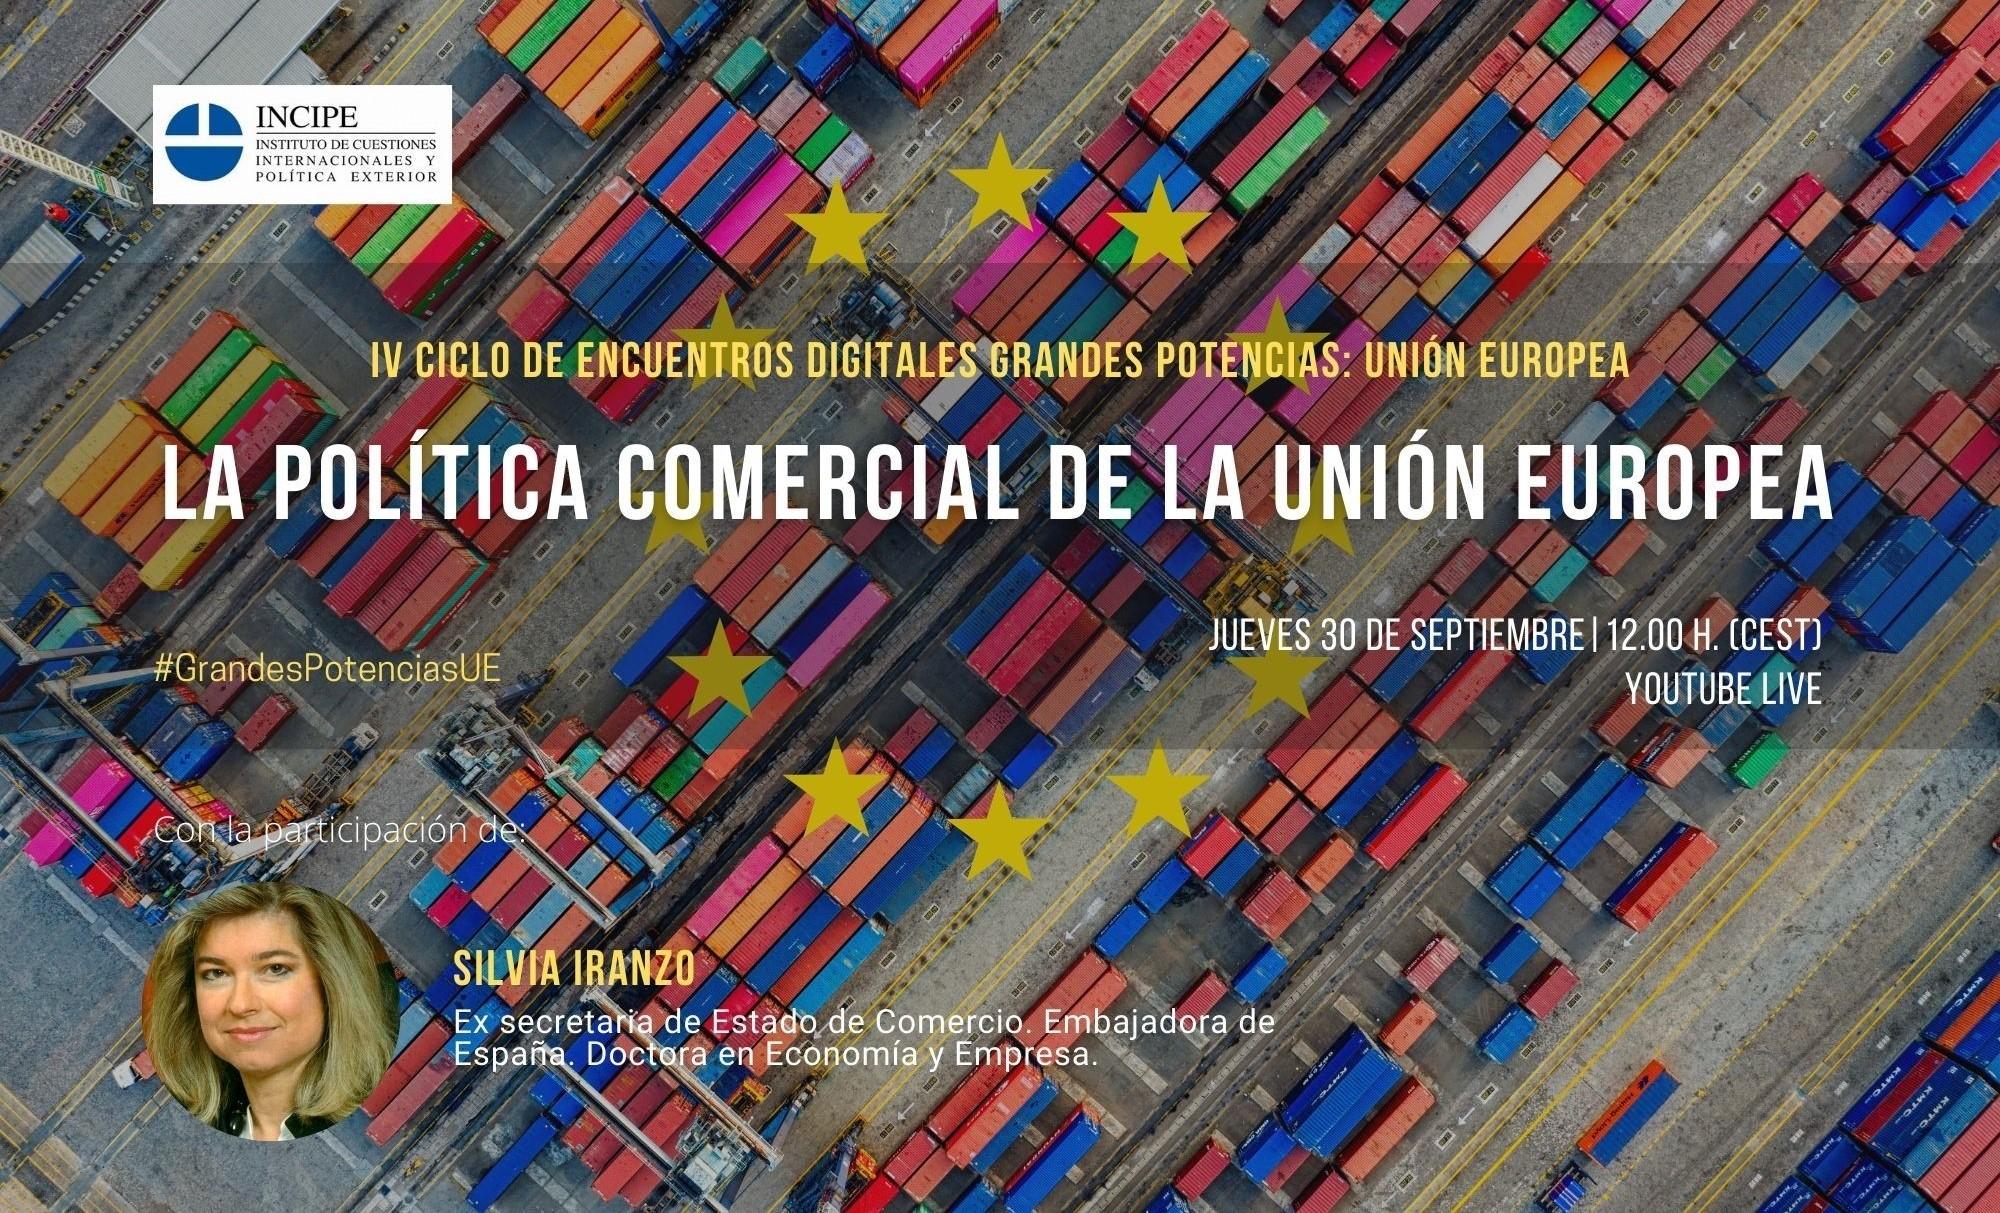 Política_comercial_de_la_Union_Europea.jpg